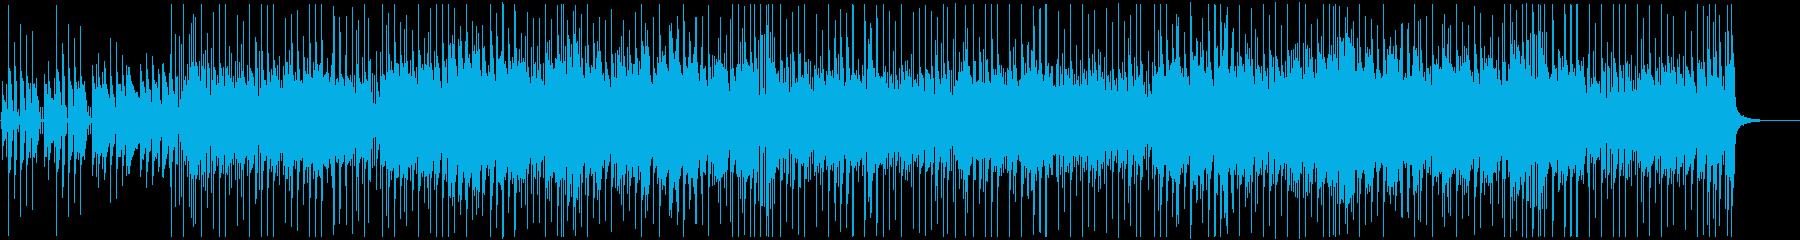 コミカル エンドロール 陽気 ほのぼのの再生済みの波形